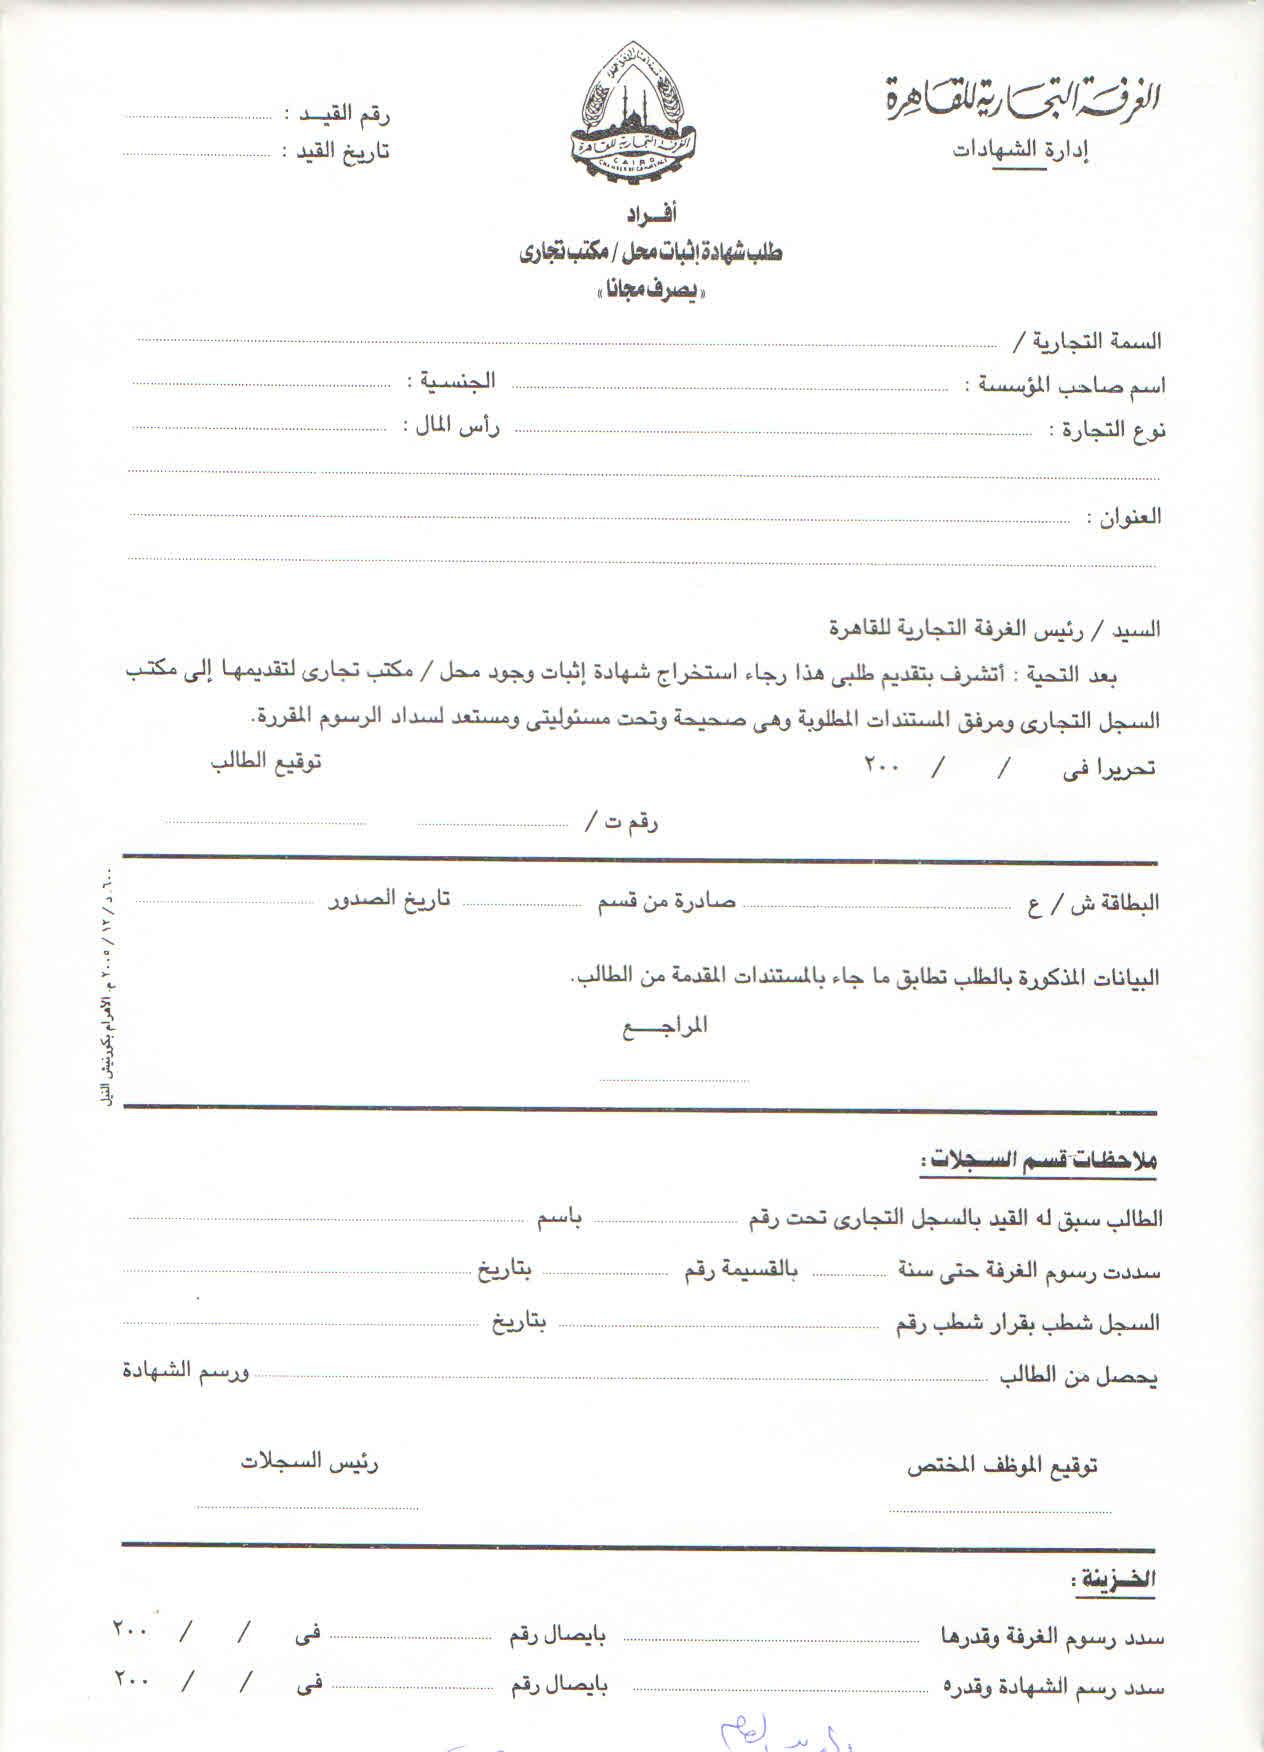 برنامج لتحويل الملفات الى pdf